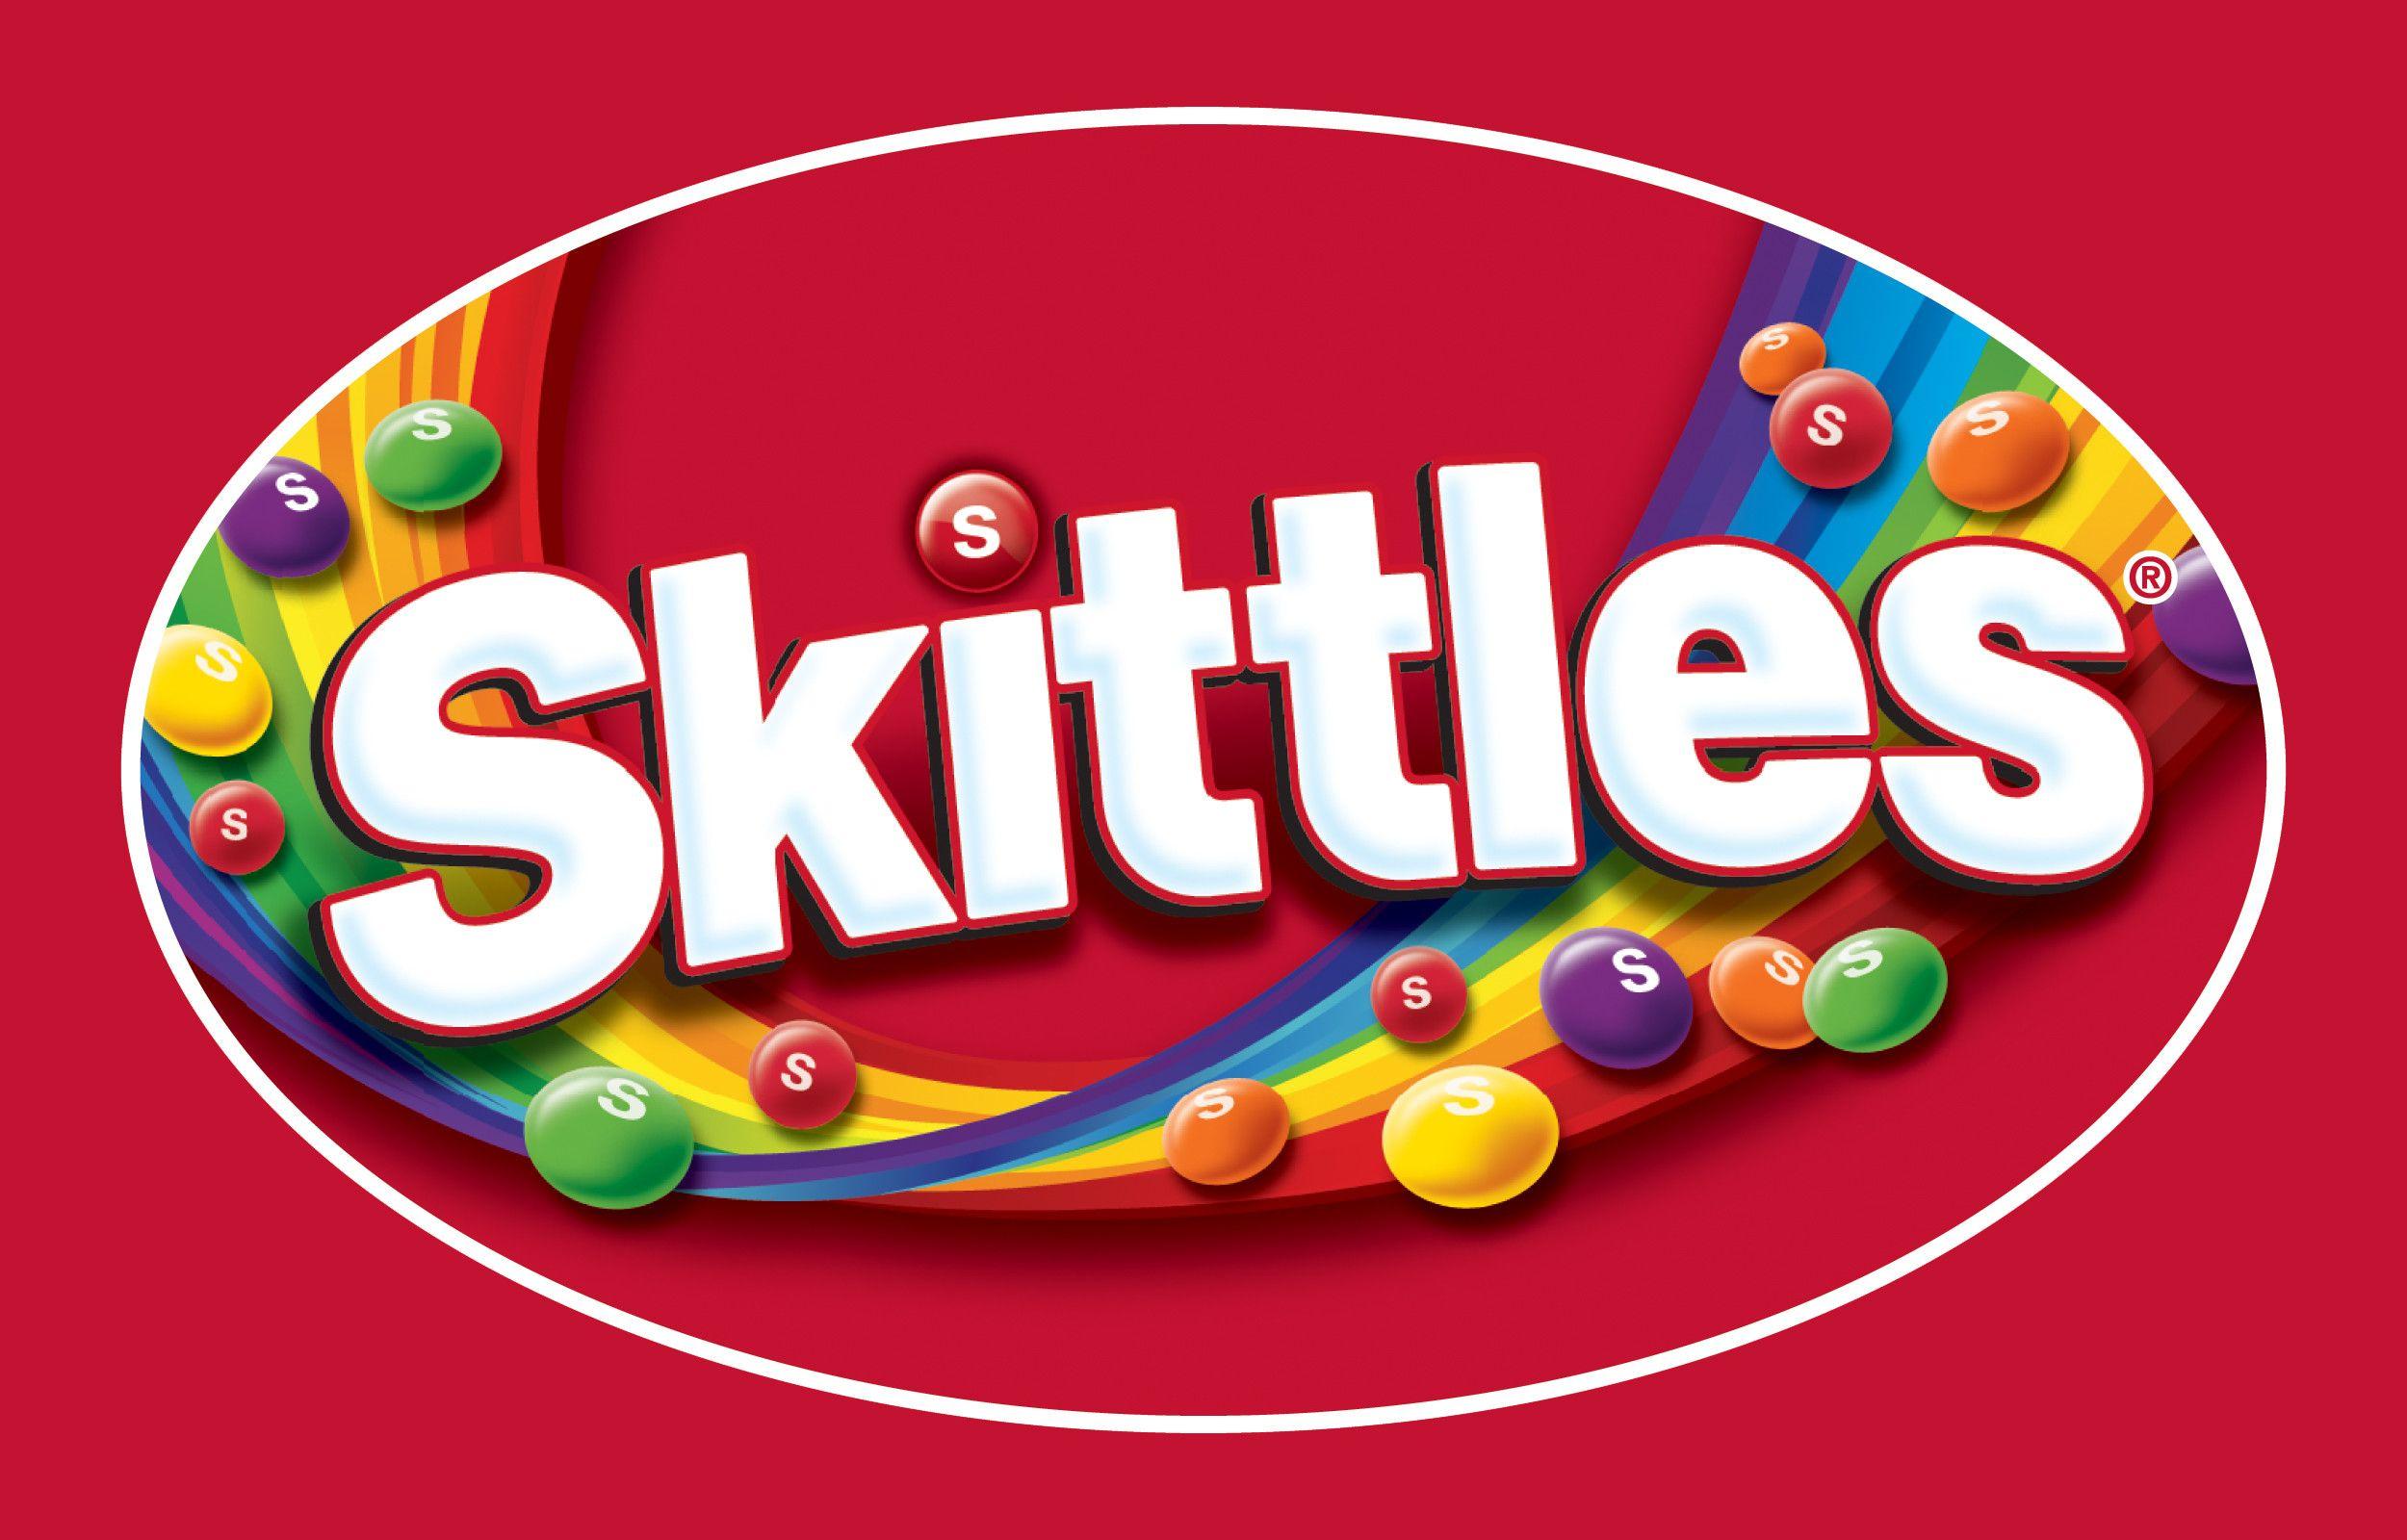 skittles logo wallpaper 72686